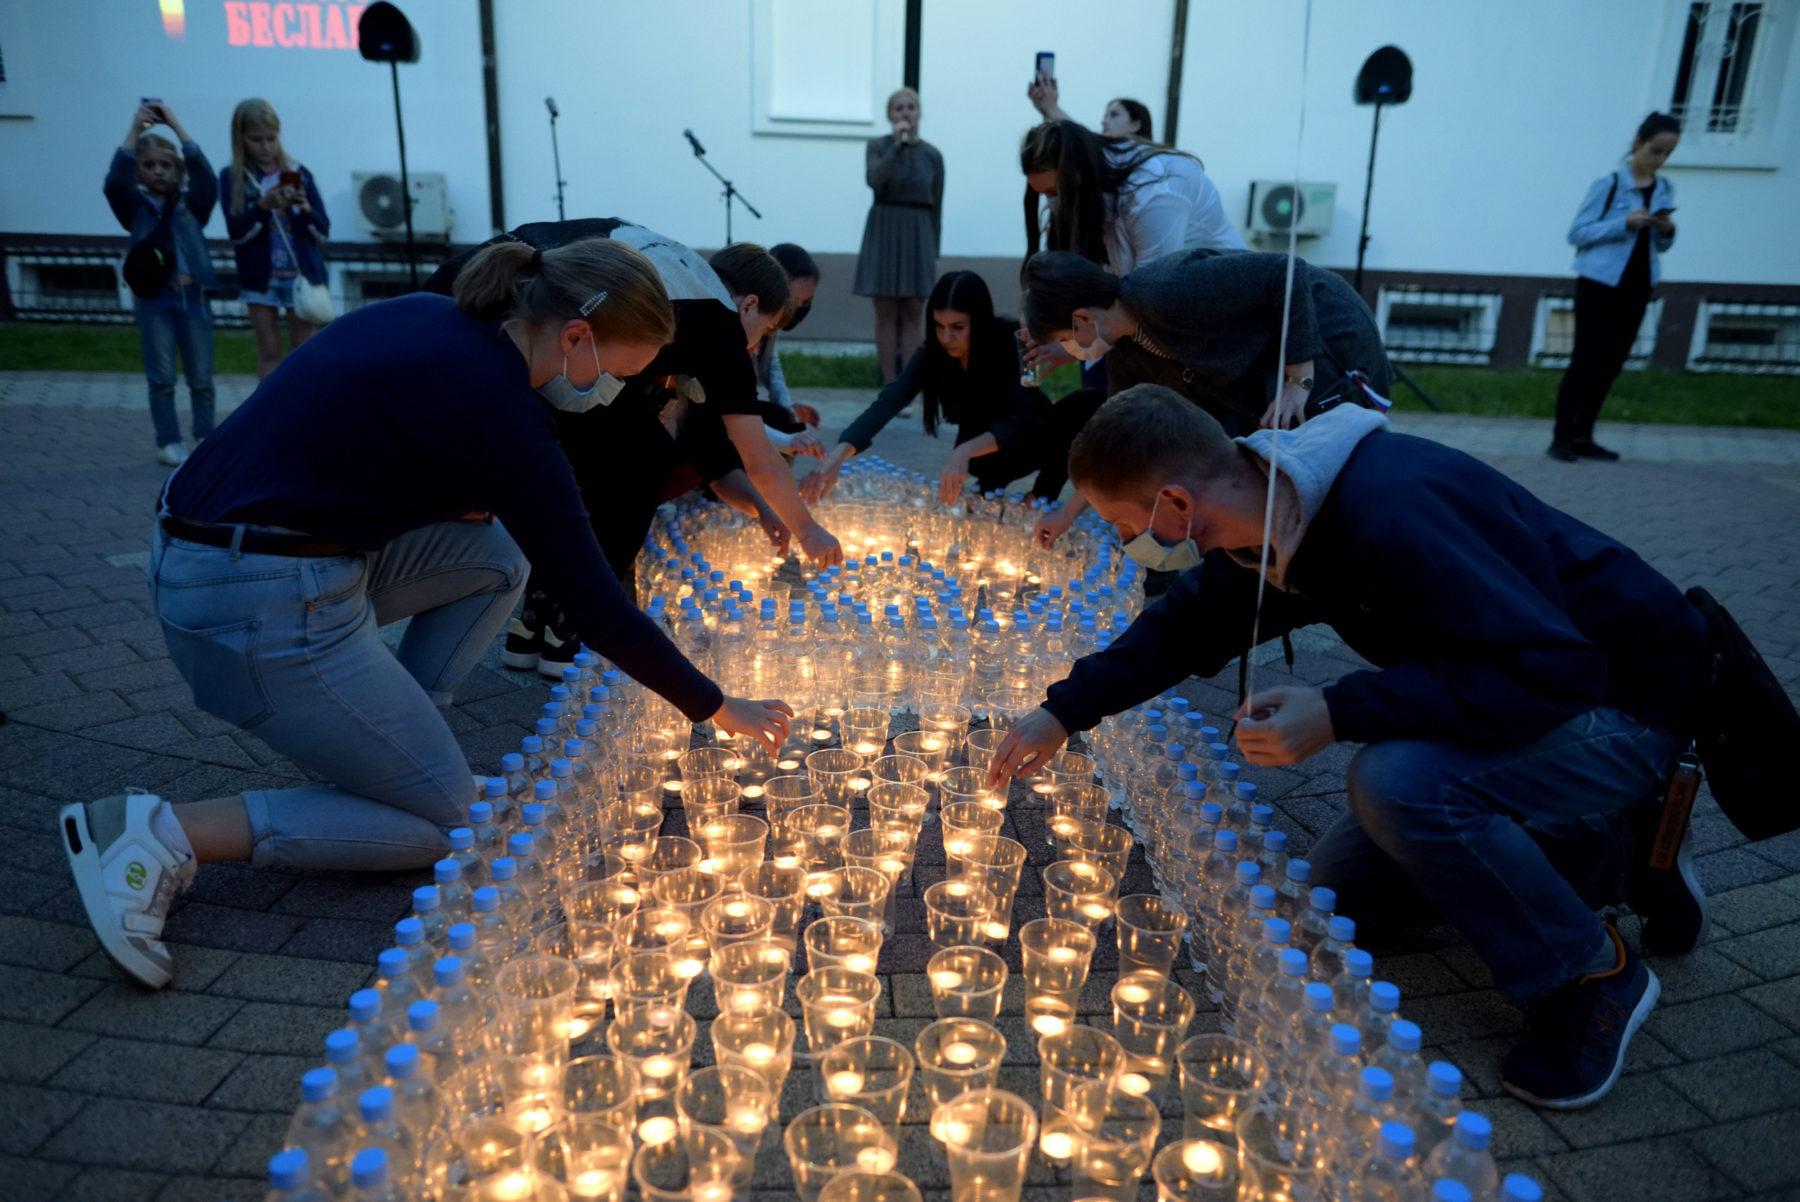 Память жертв бесланского теракта почтили в Балашихе